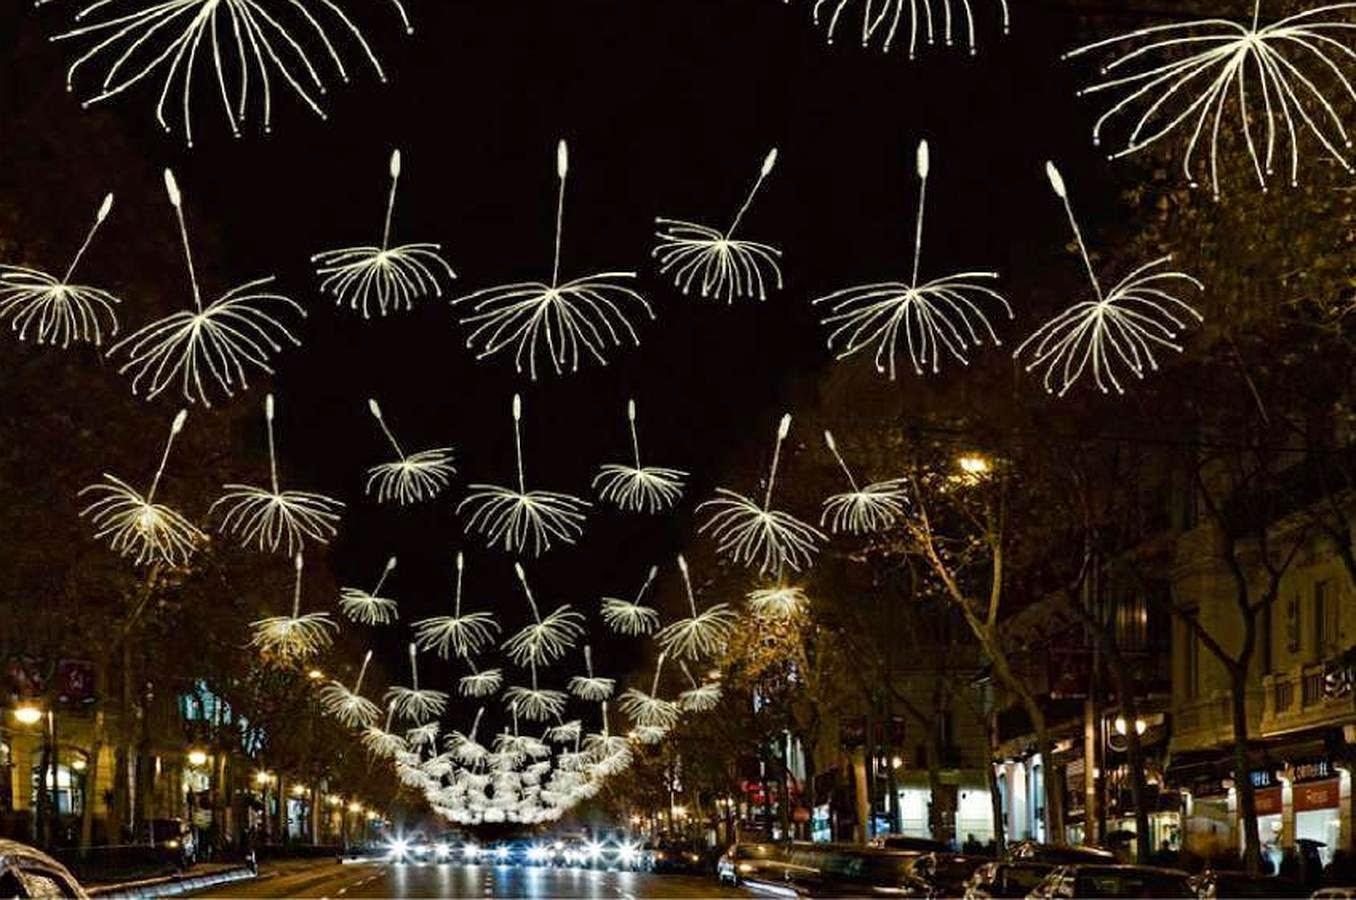 Periodista enamorada de madrid el arte urbano y la for Adolfo dominguez serrano 96